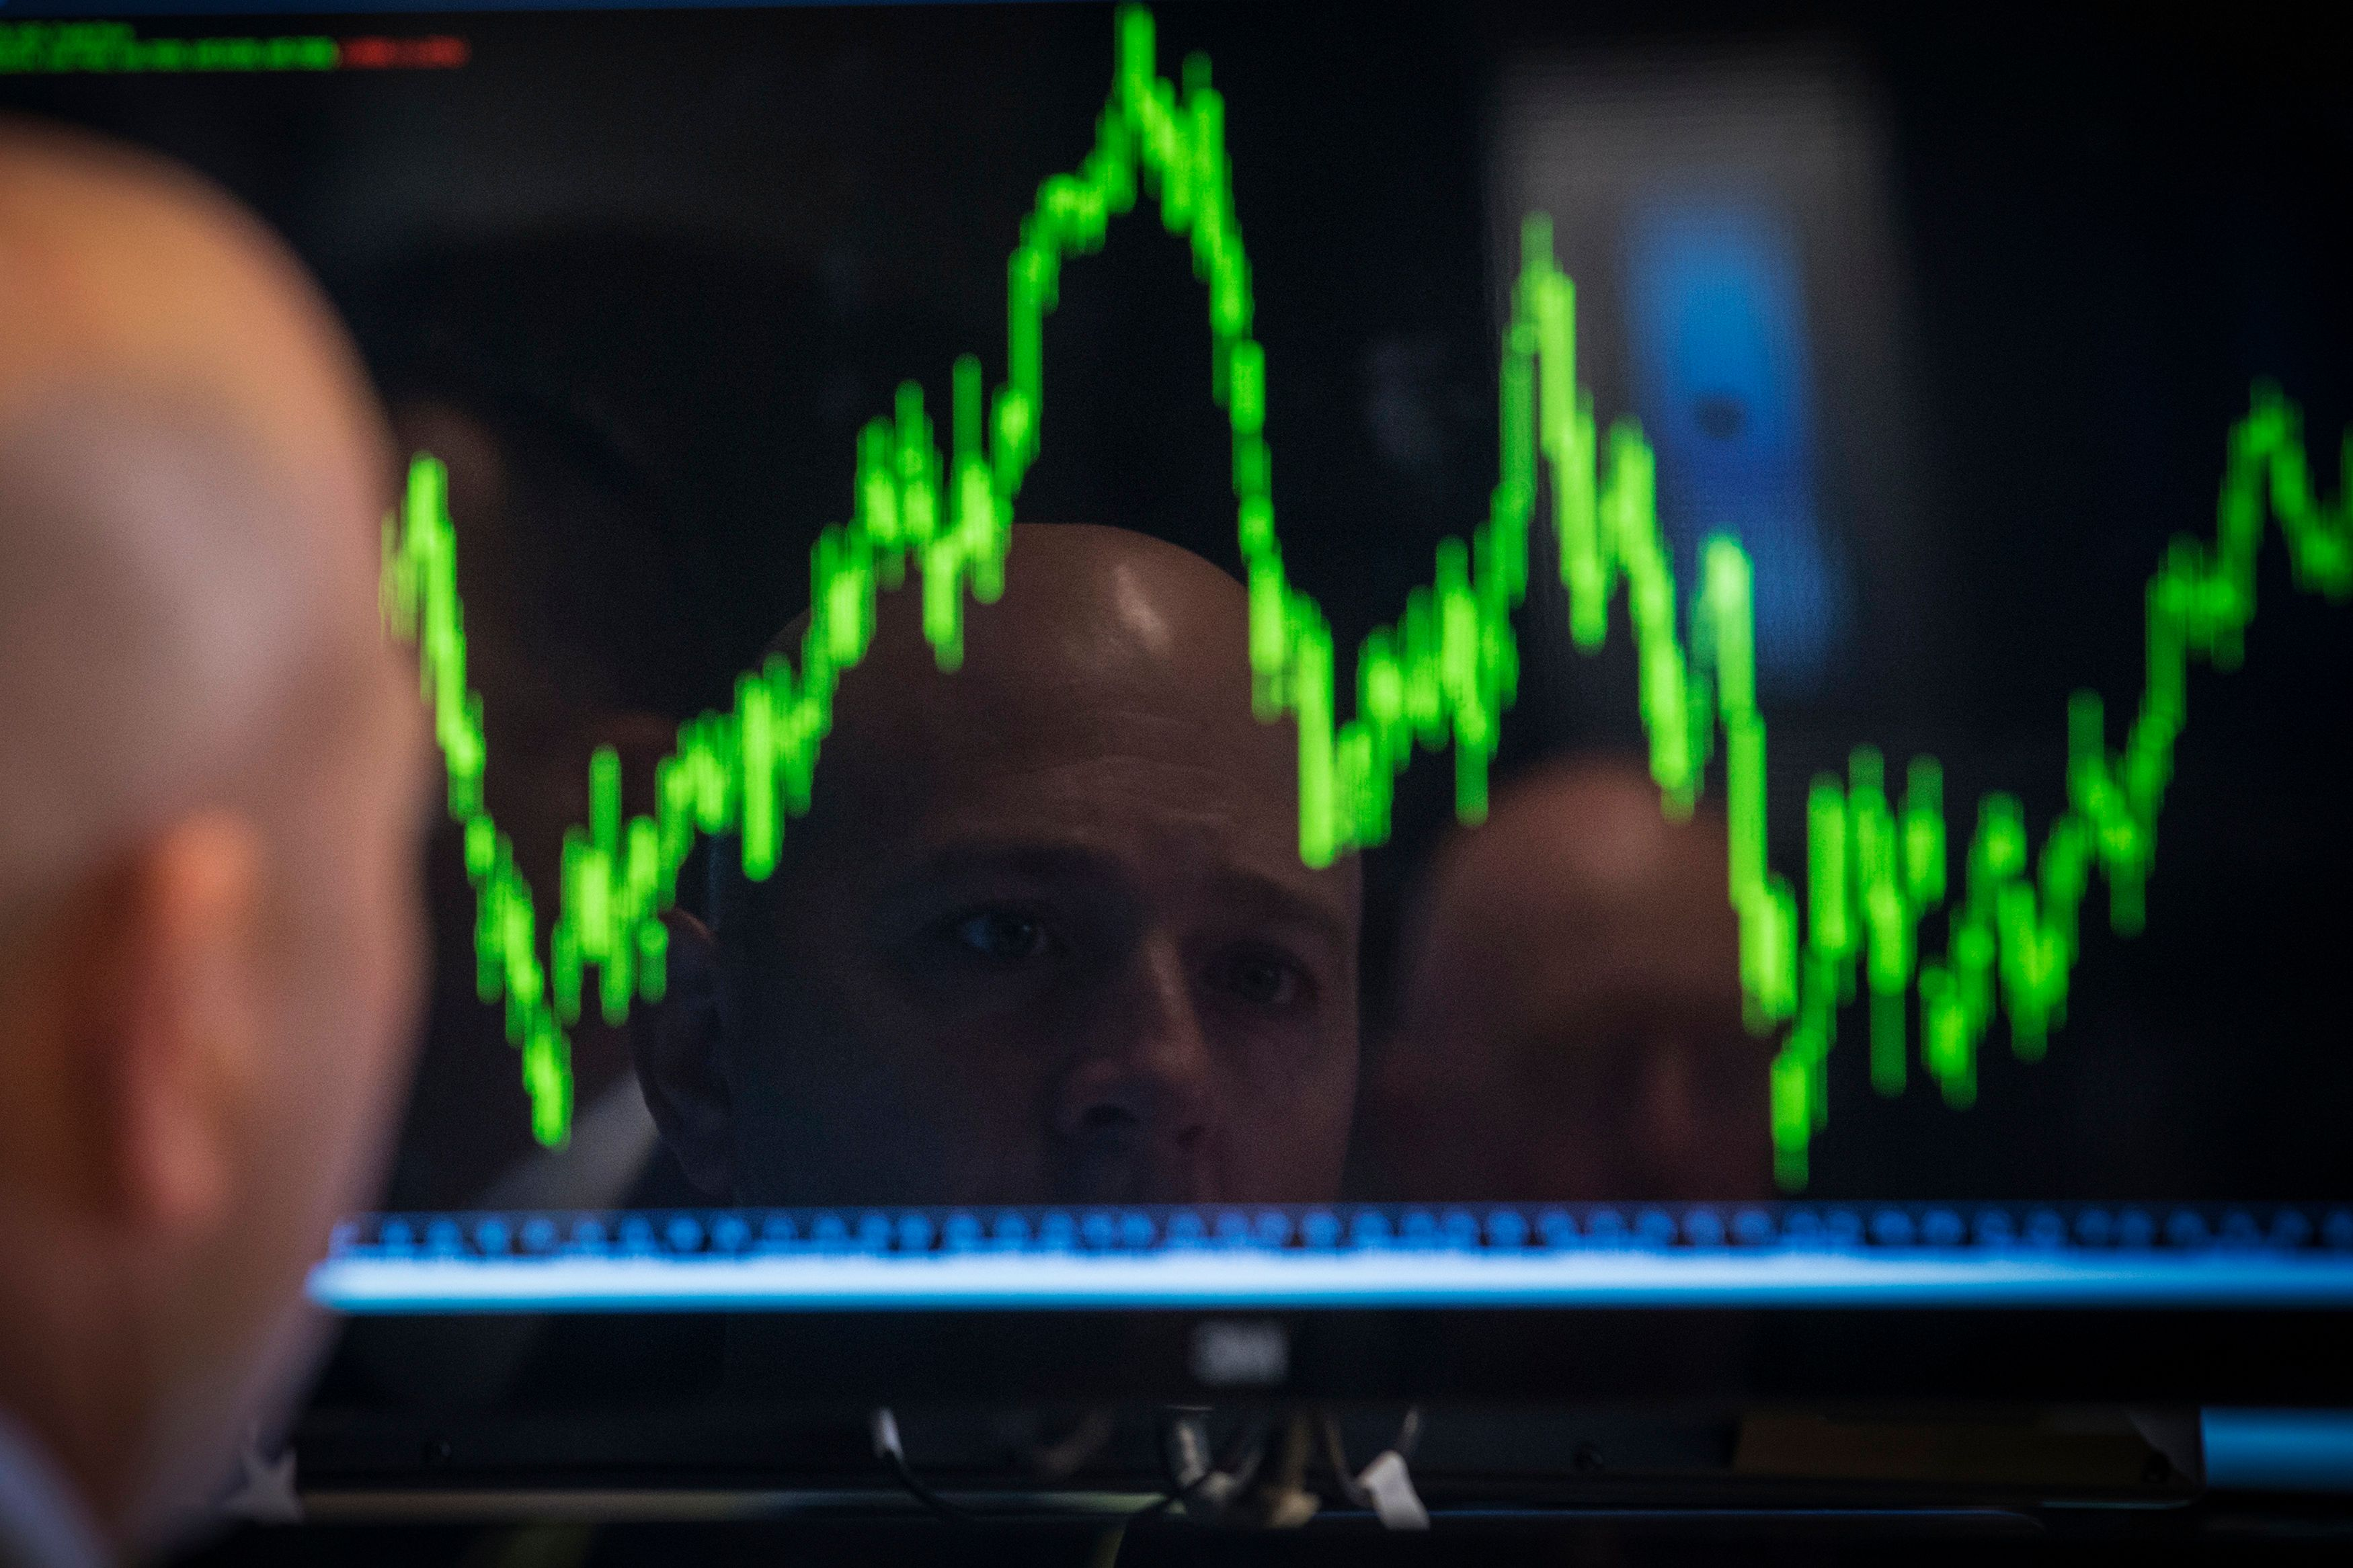 Crise financière : trading à haute fréquence, produits dérivés & cie, comment les banques ont perfectionné les techniques qui accroissent le danger